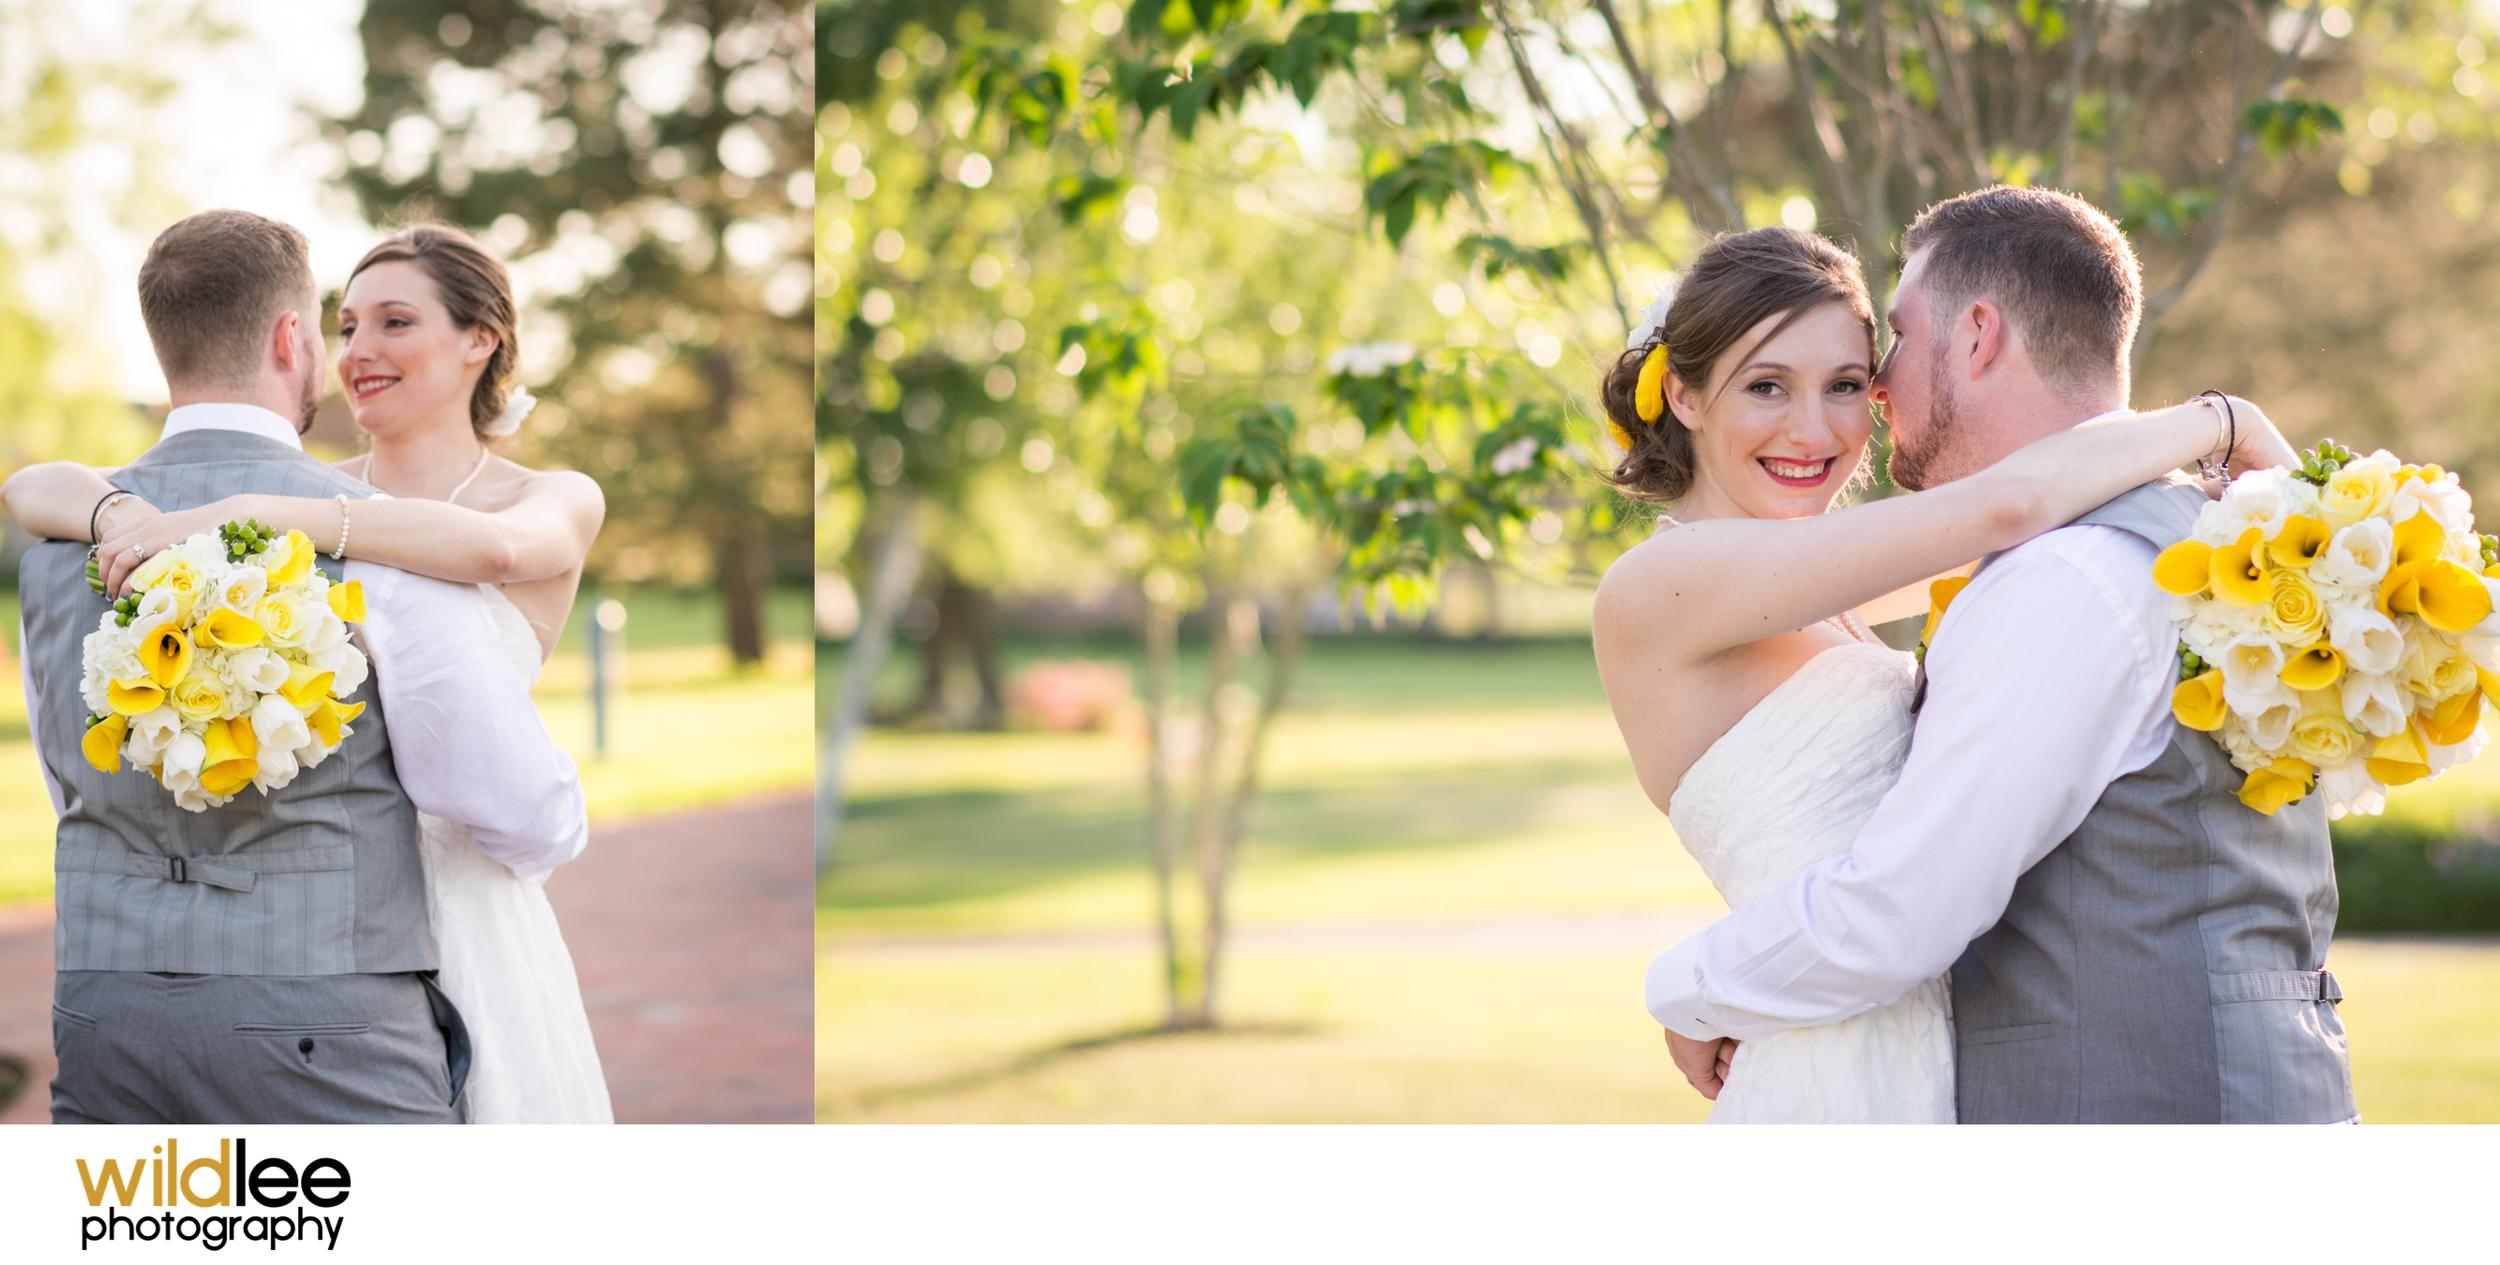 Bride_Groom_3.jpg